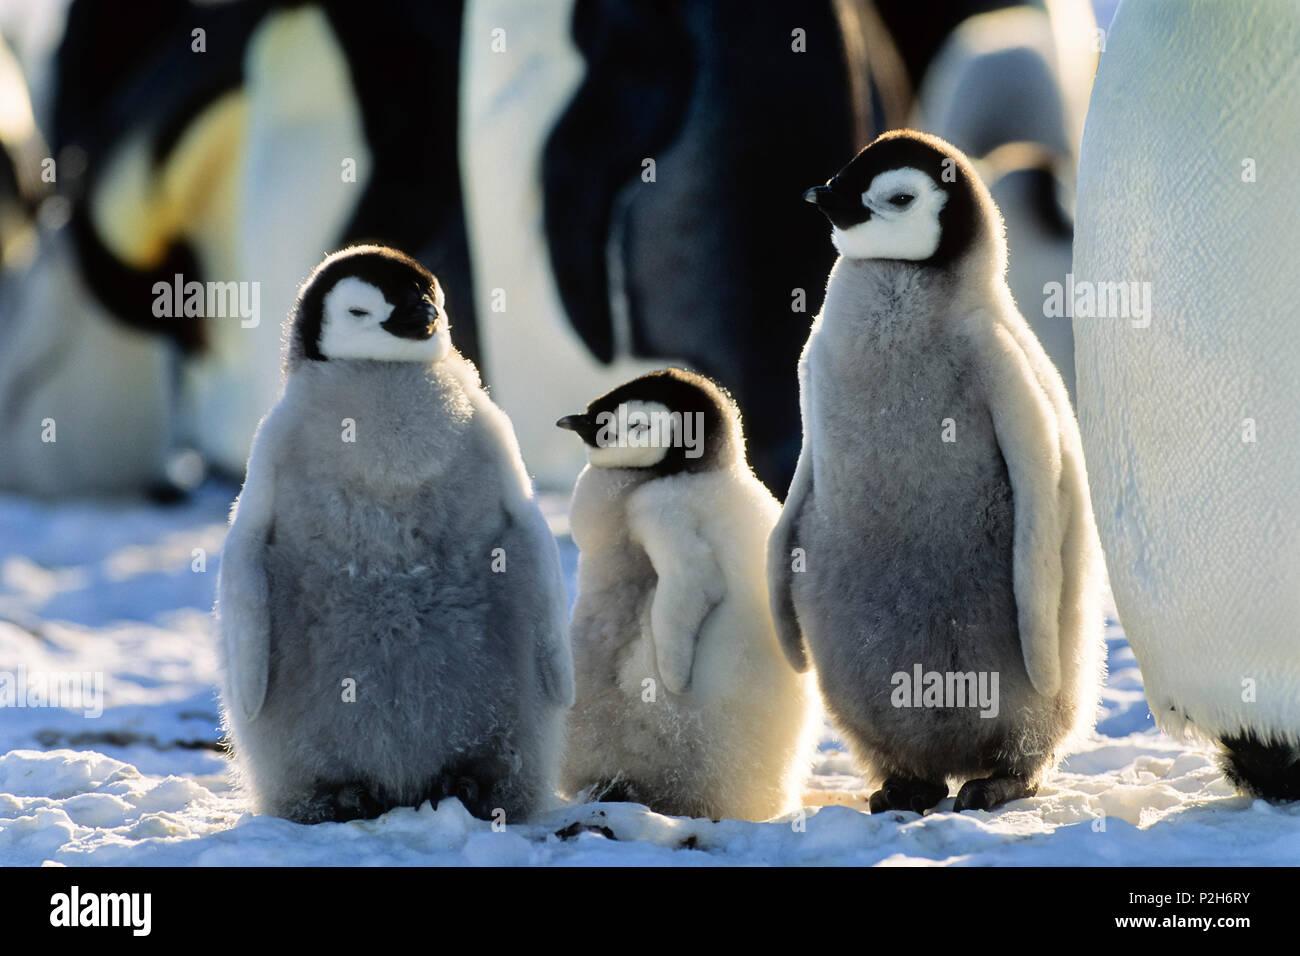 Emperor Penguin chicks, Aptenodytes forsteri, Weddell Sea, Antarctica - Stock Image